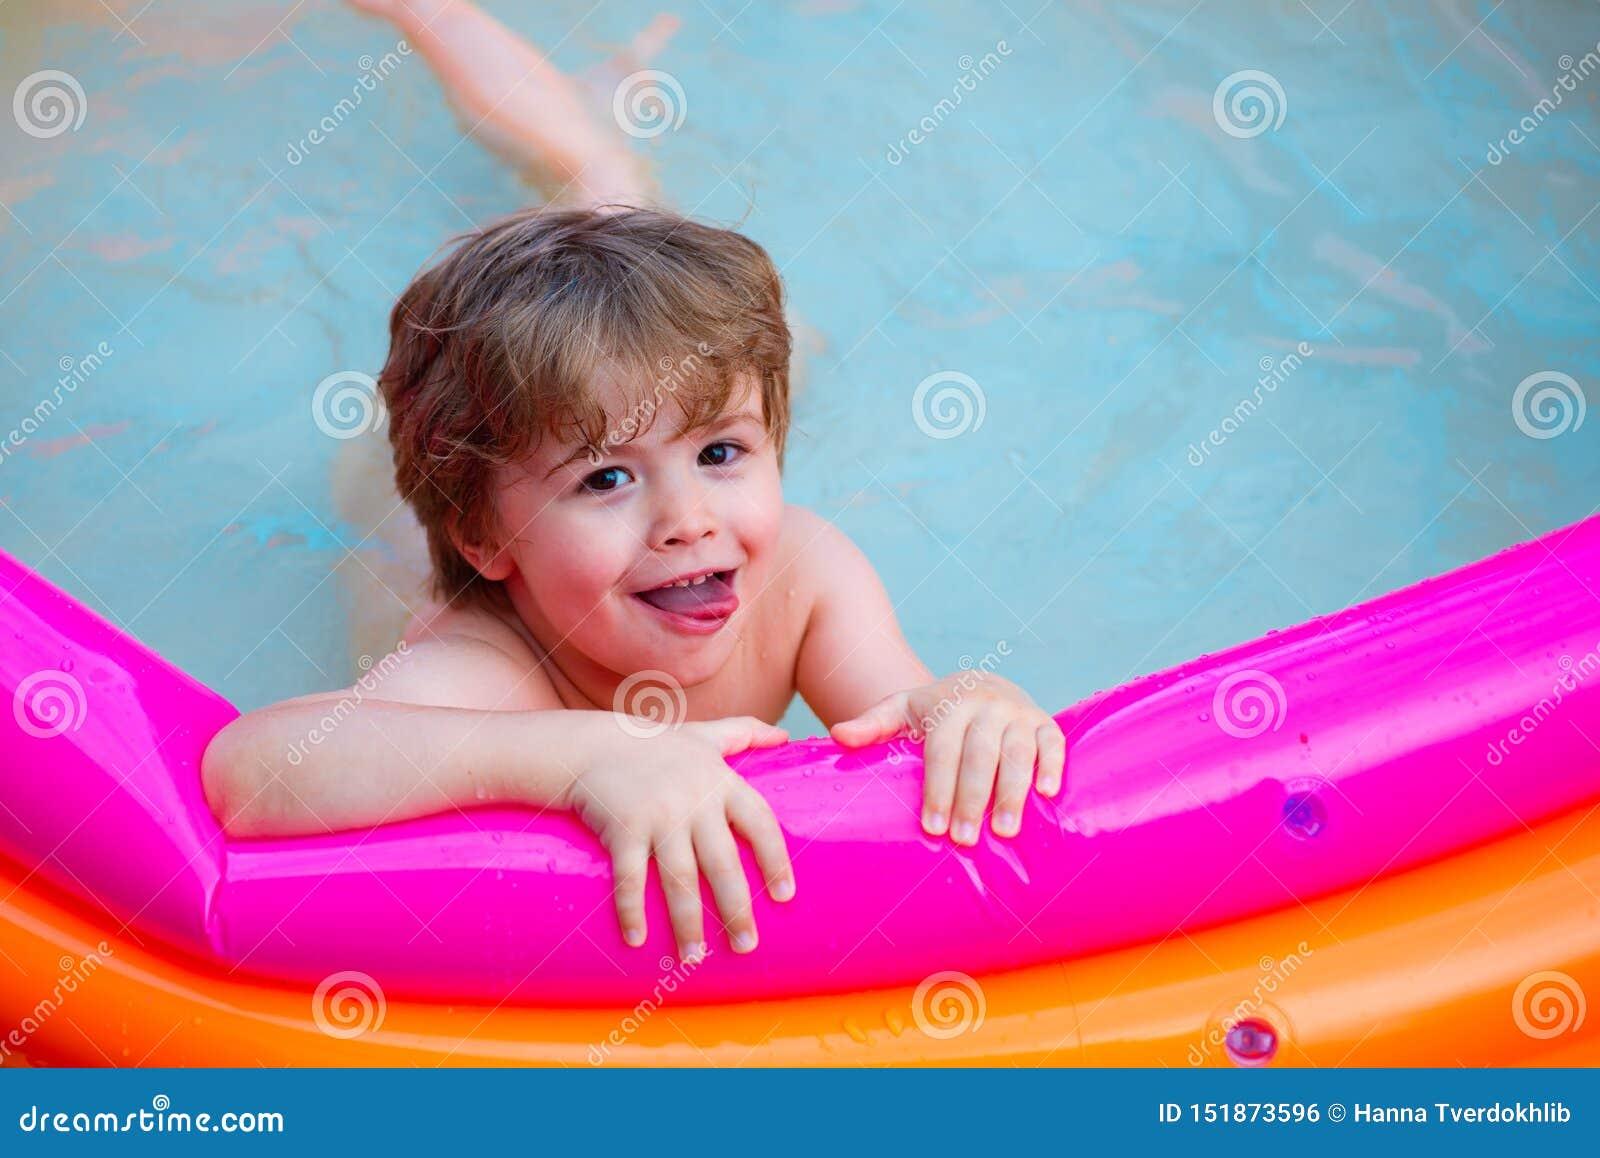 Piscine heureuse d été Bonne humeur L eau pour le jeu d enfants L enfant nage dans la piscine Repos dans un hôtel de mer Home Ent